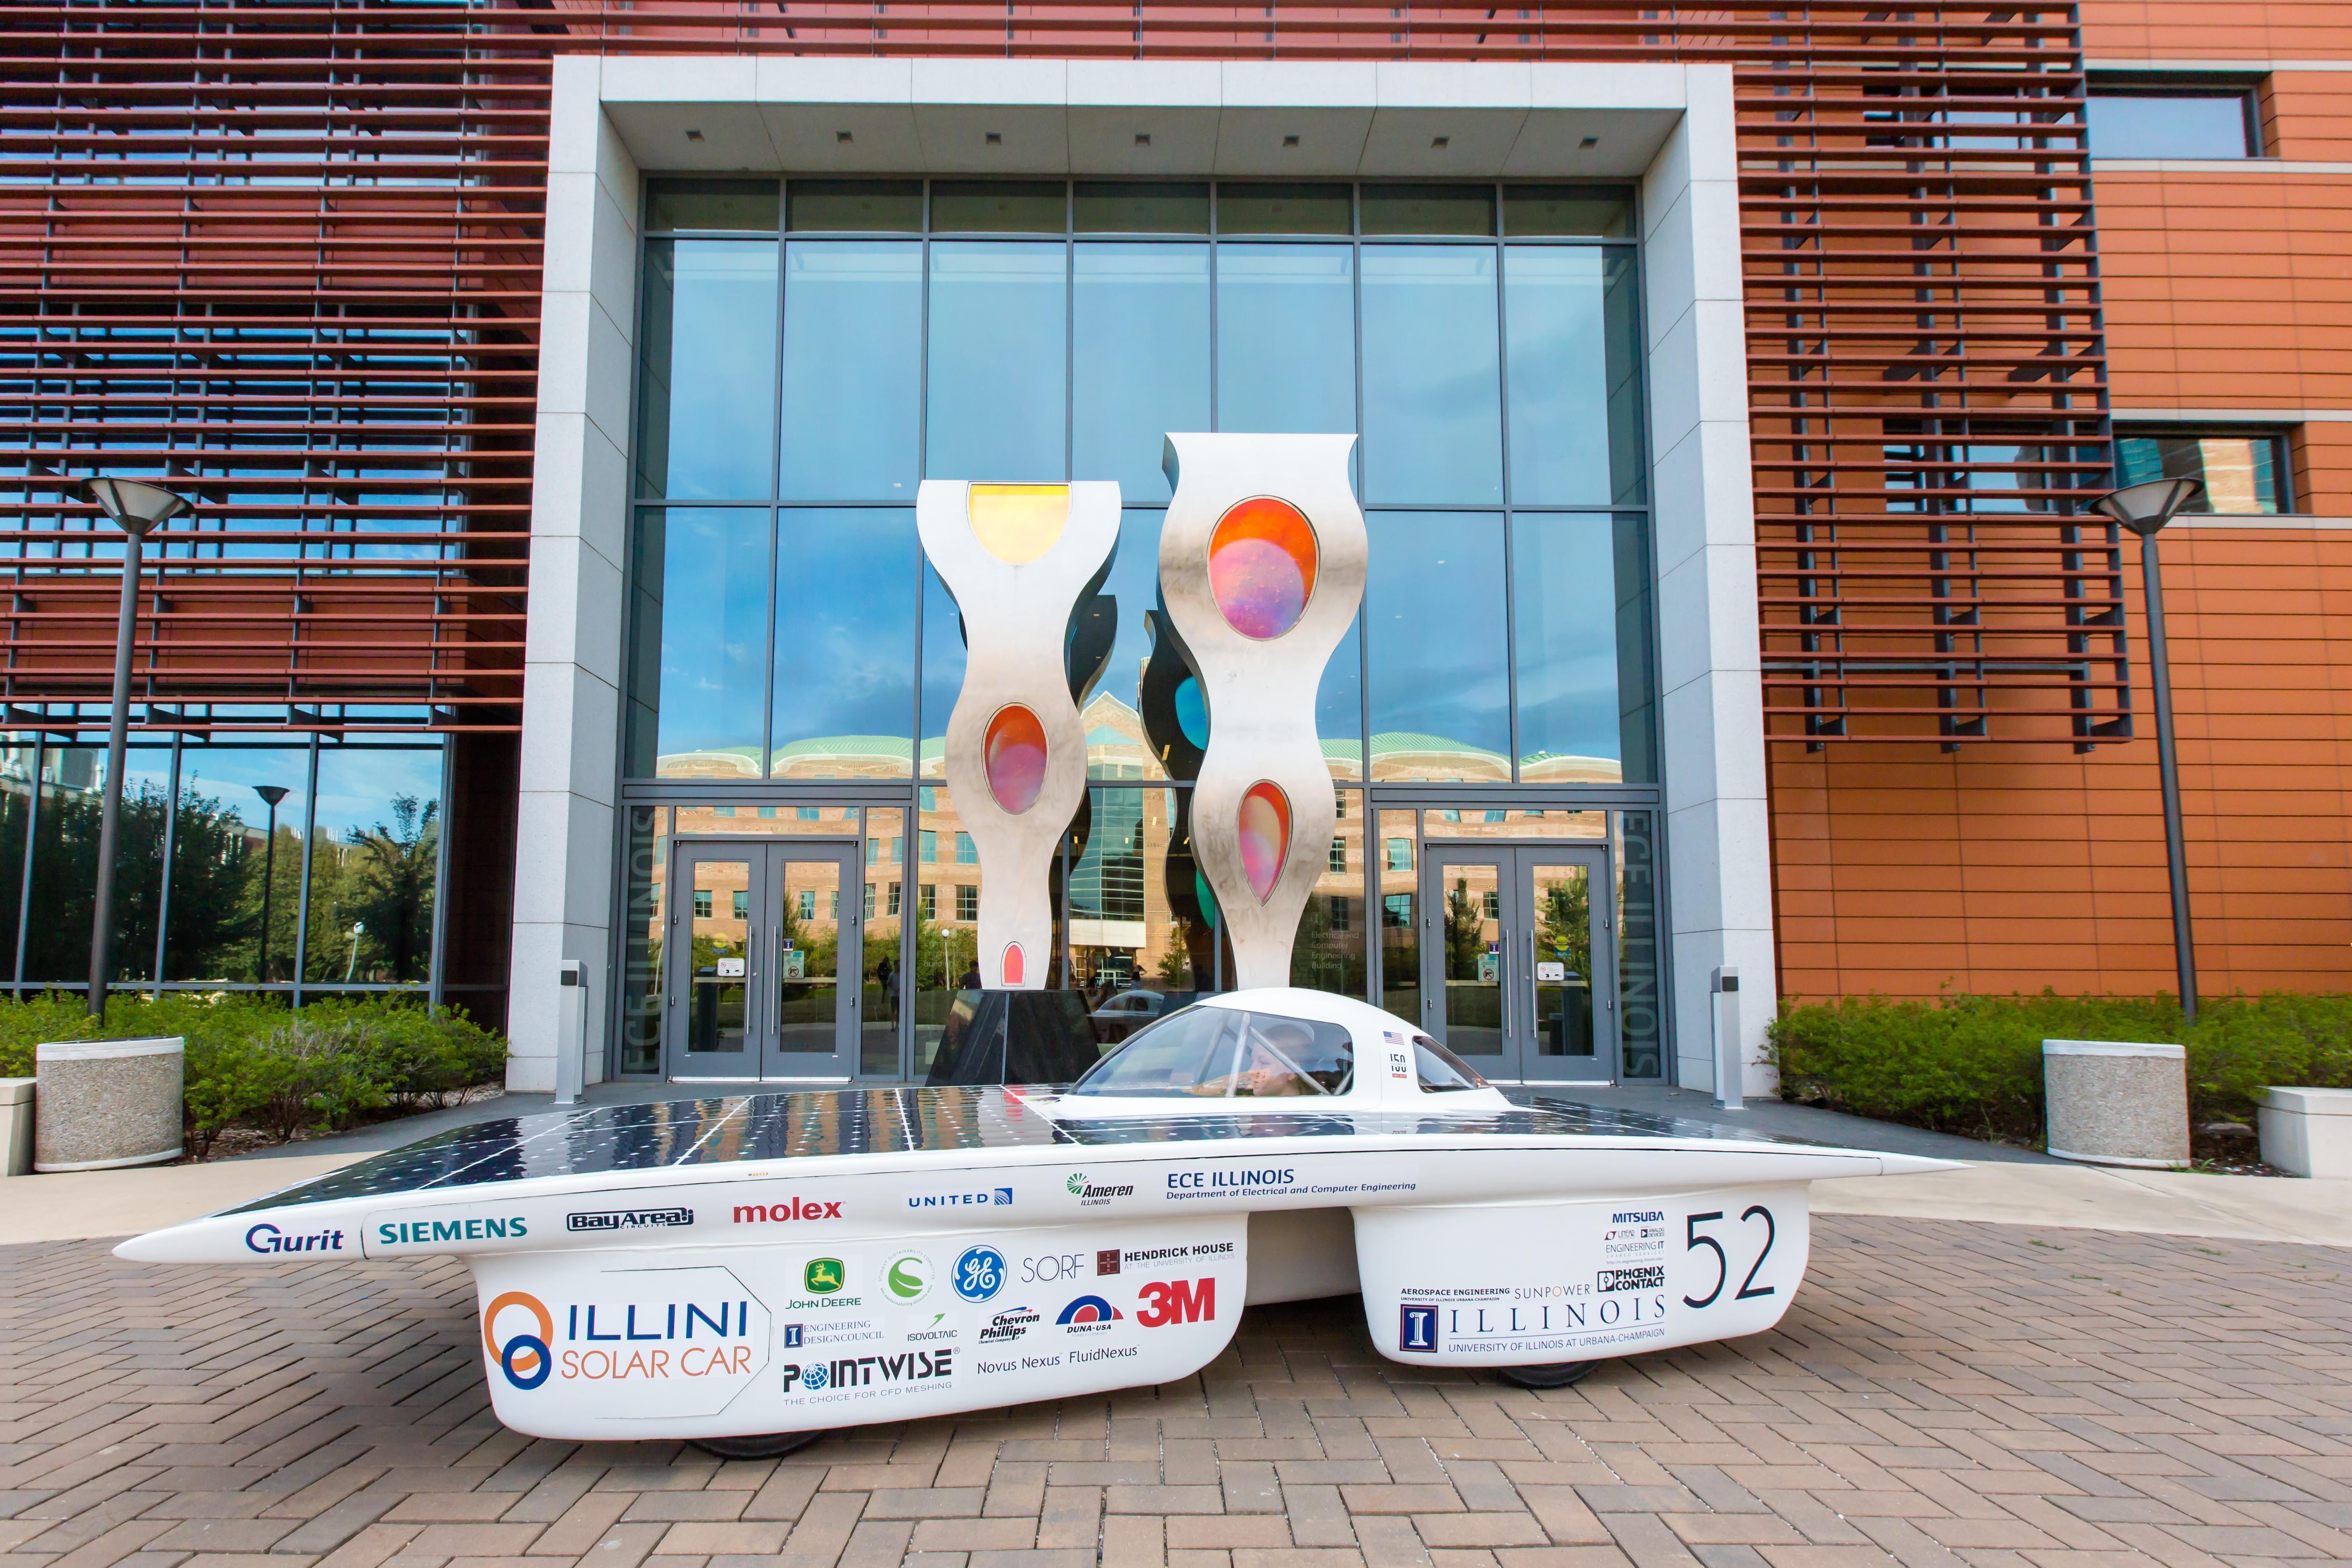 Argo, the solar-powered car.